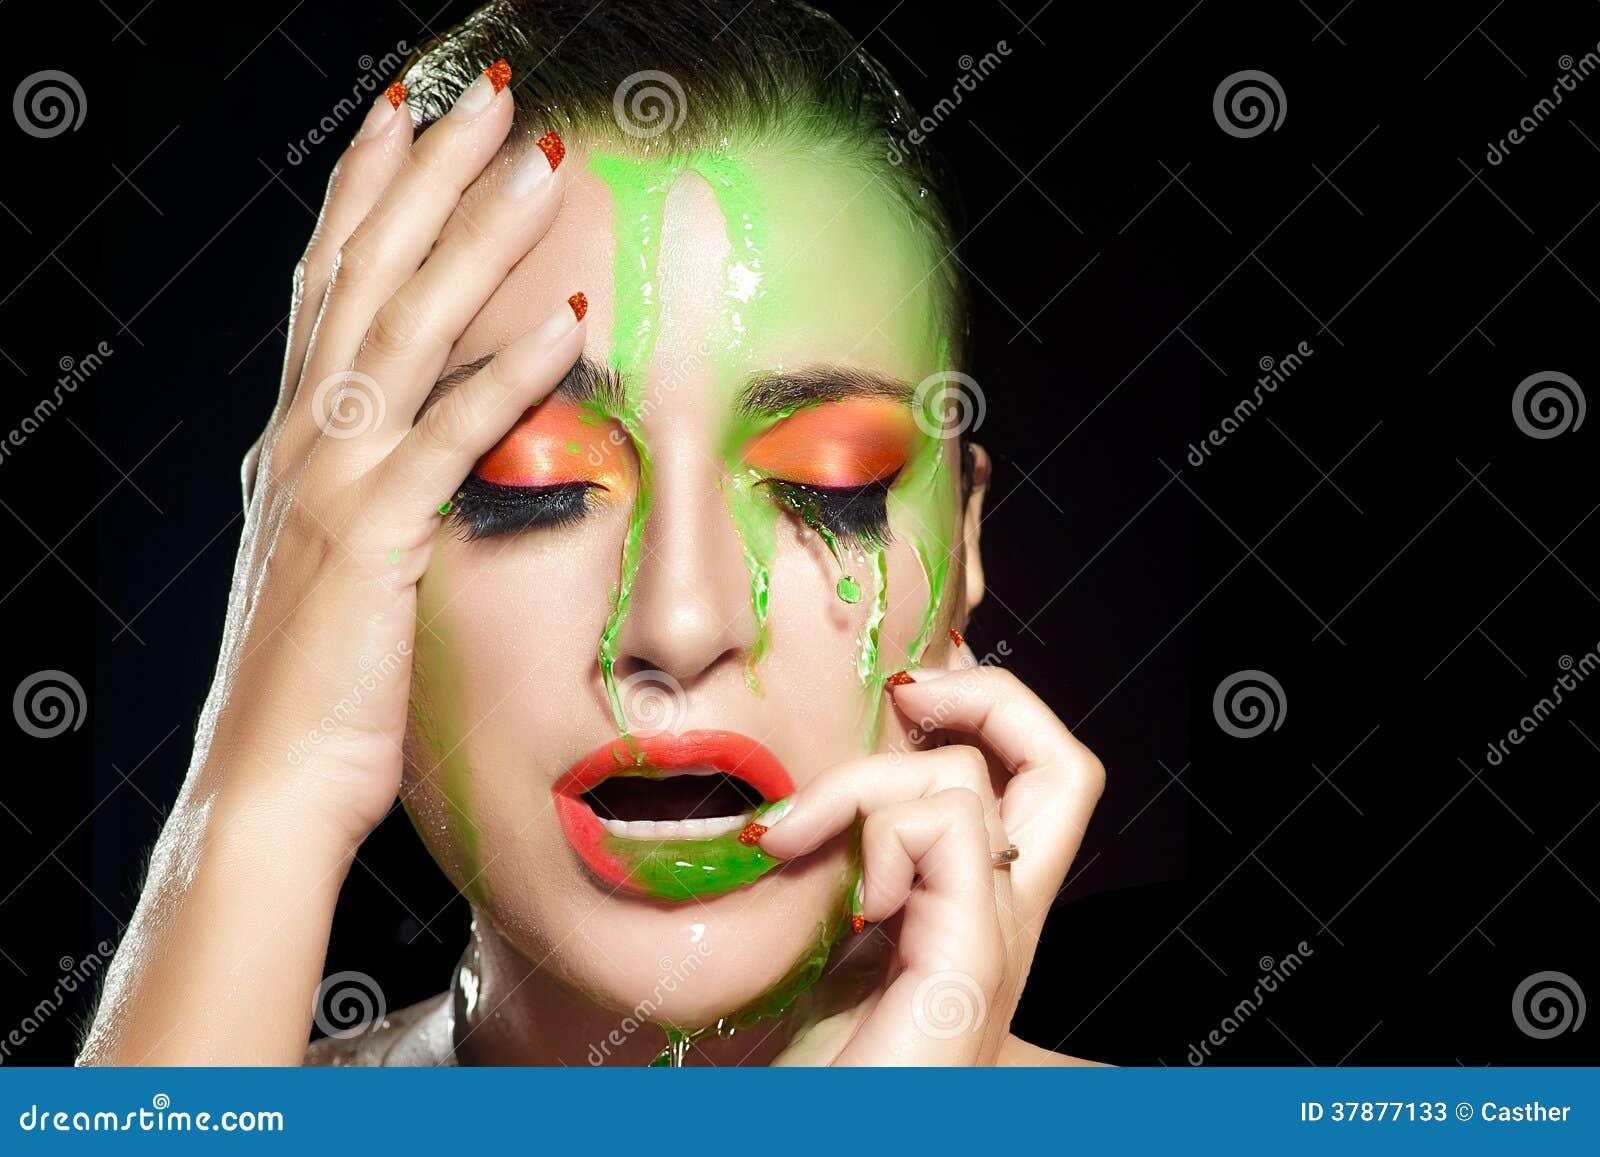 Fluor makeupexplosion. Skönhet och mode under flödande vatten